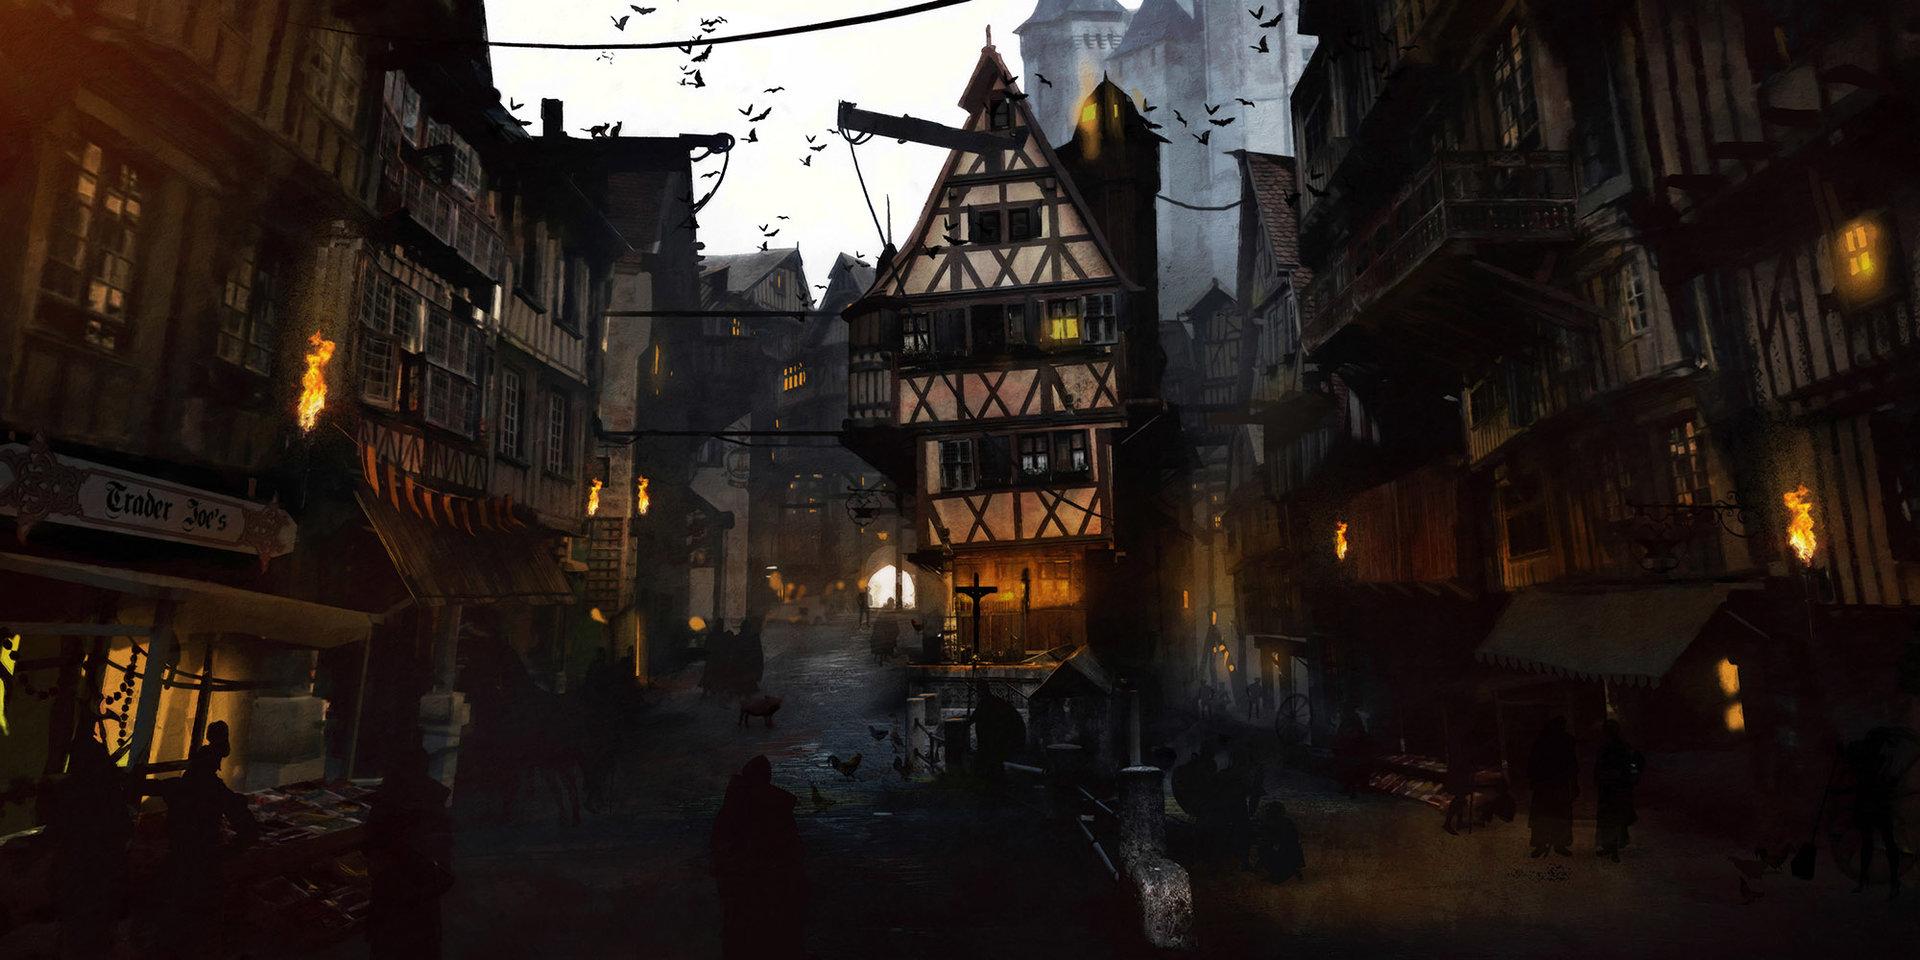 julien-renoult-medieval-city-test.jpg